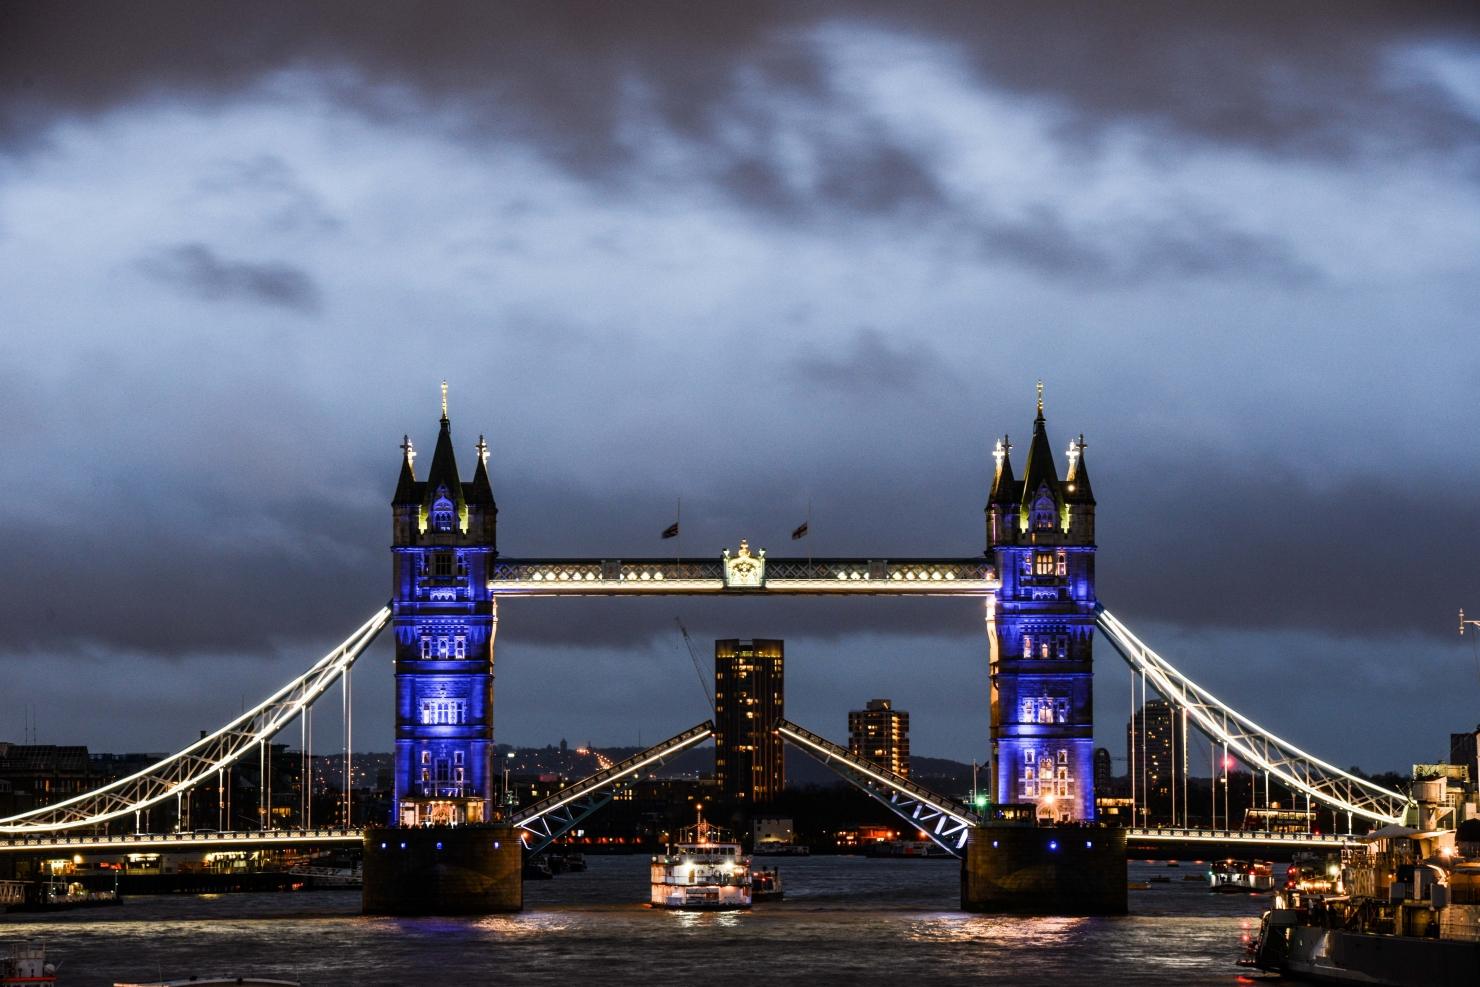 Podul Londrei, iluminat în culorile drapelului francez